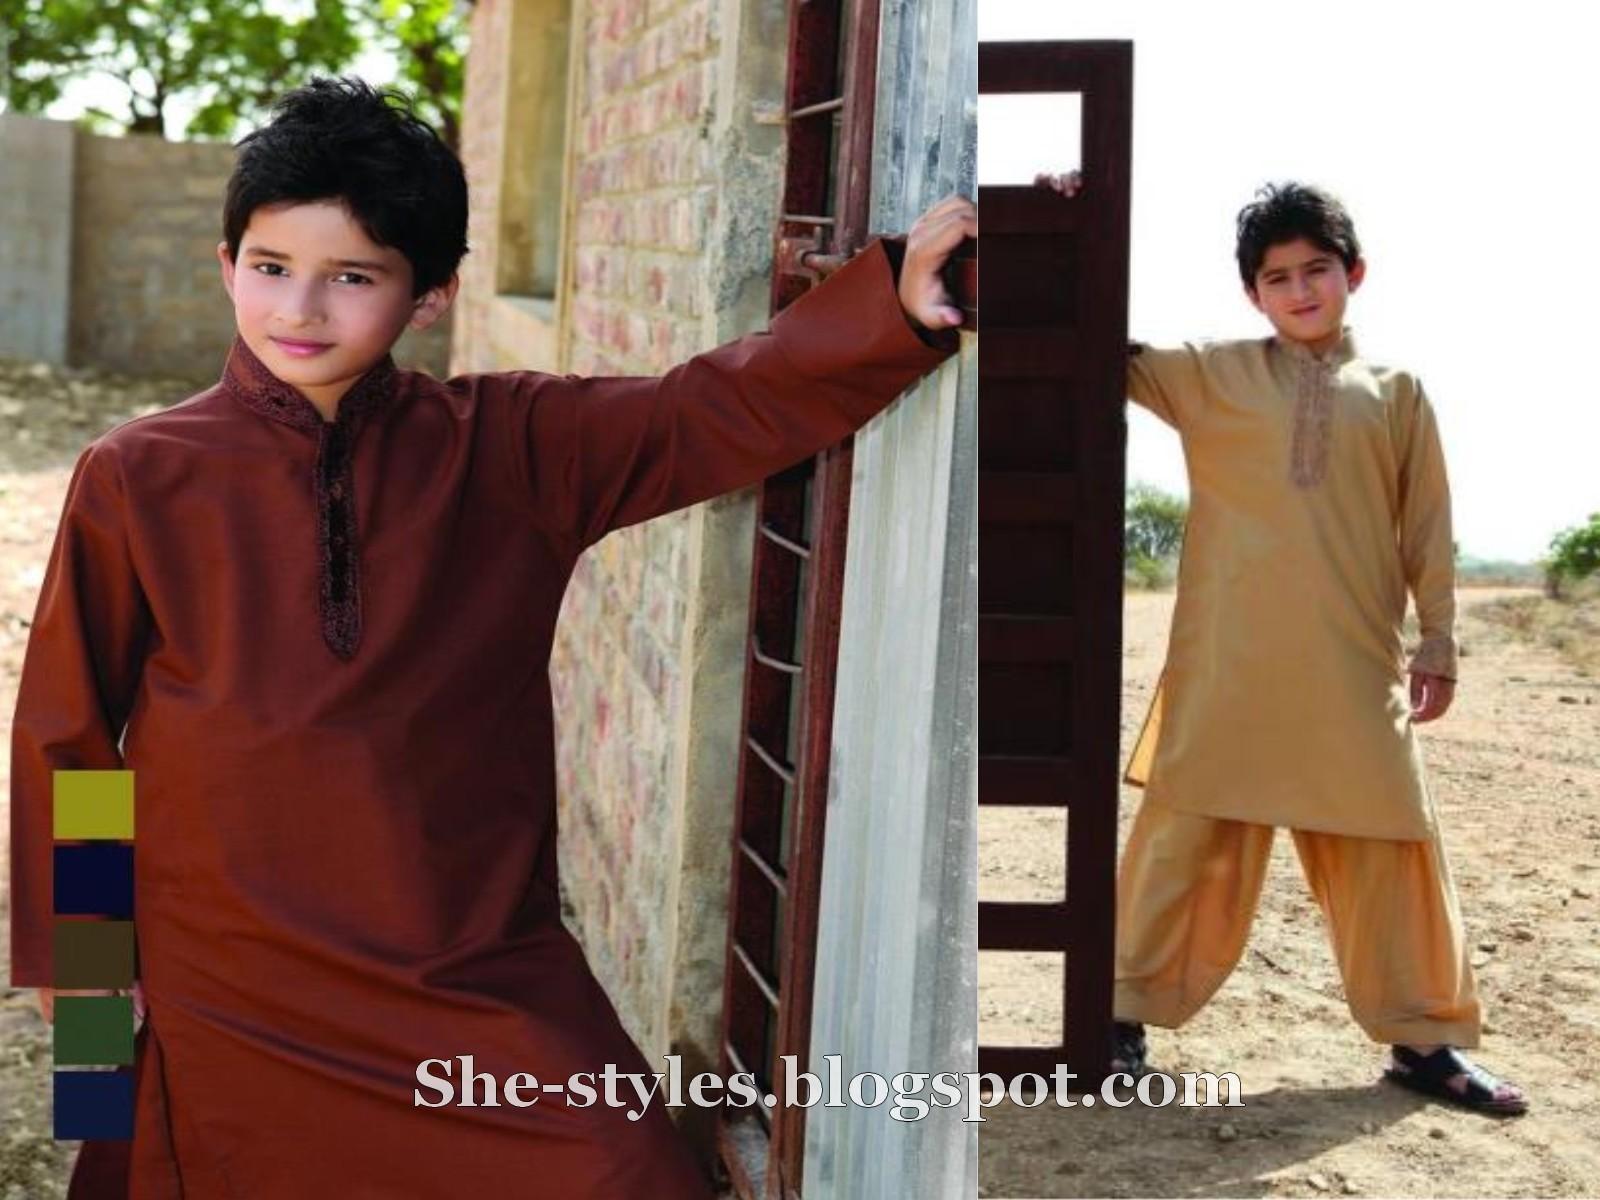 Eid kids kurta shalwar kameez designs 2013 2014 - Kurta Salwar 2012 Embroidered Boys Kurta